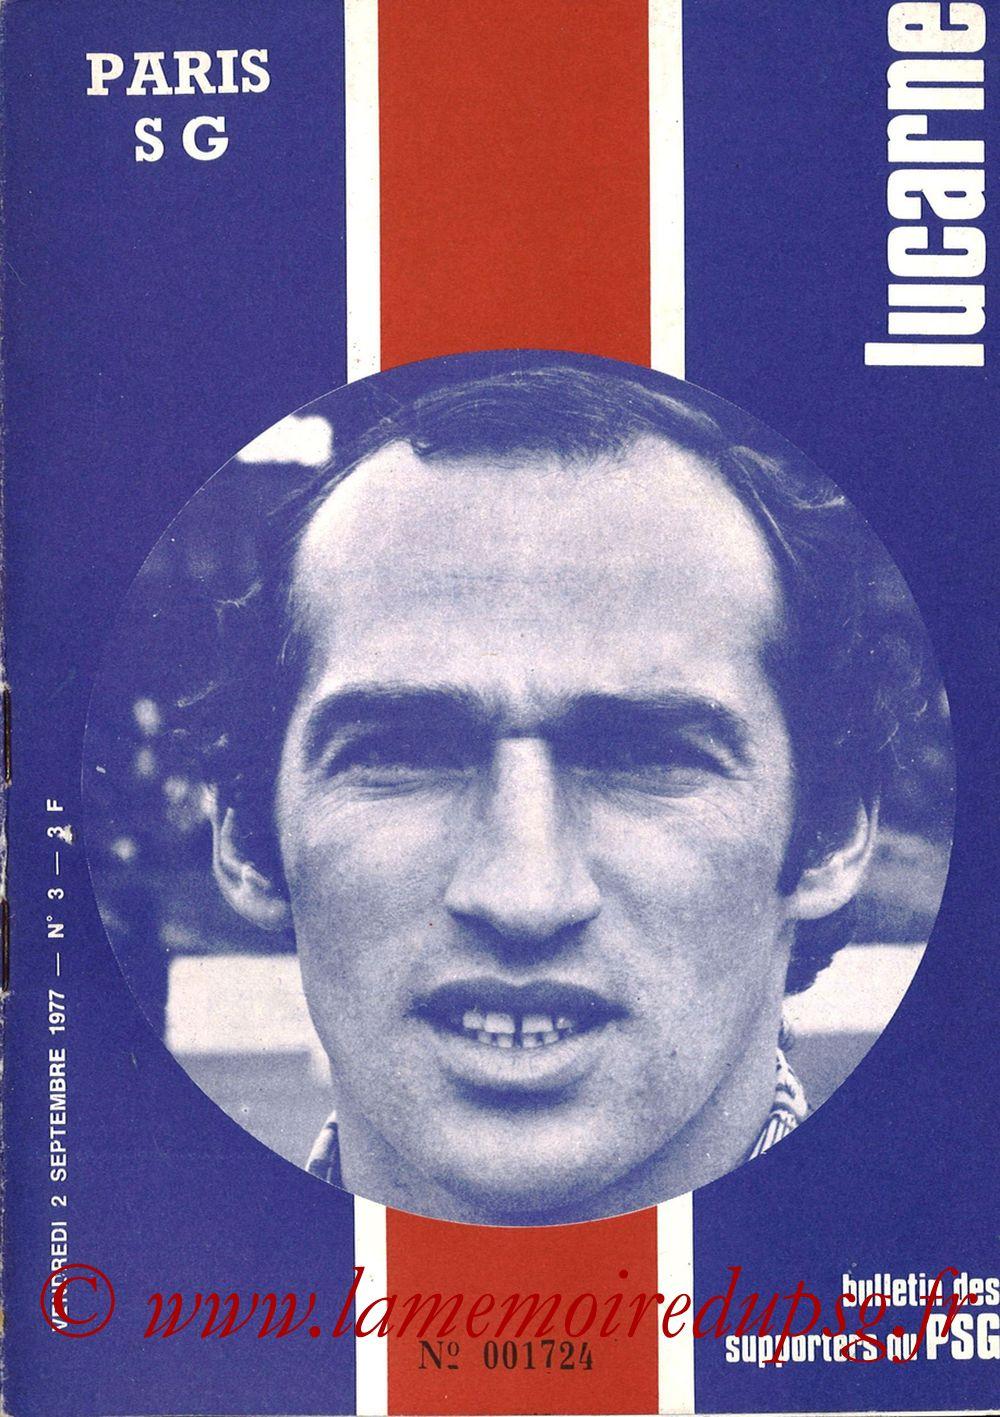 1977-09-02  PSG-Valenciennes (6ème D1, Lucarne N°3)